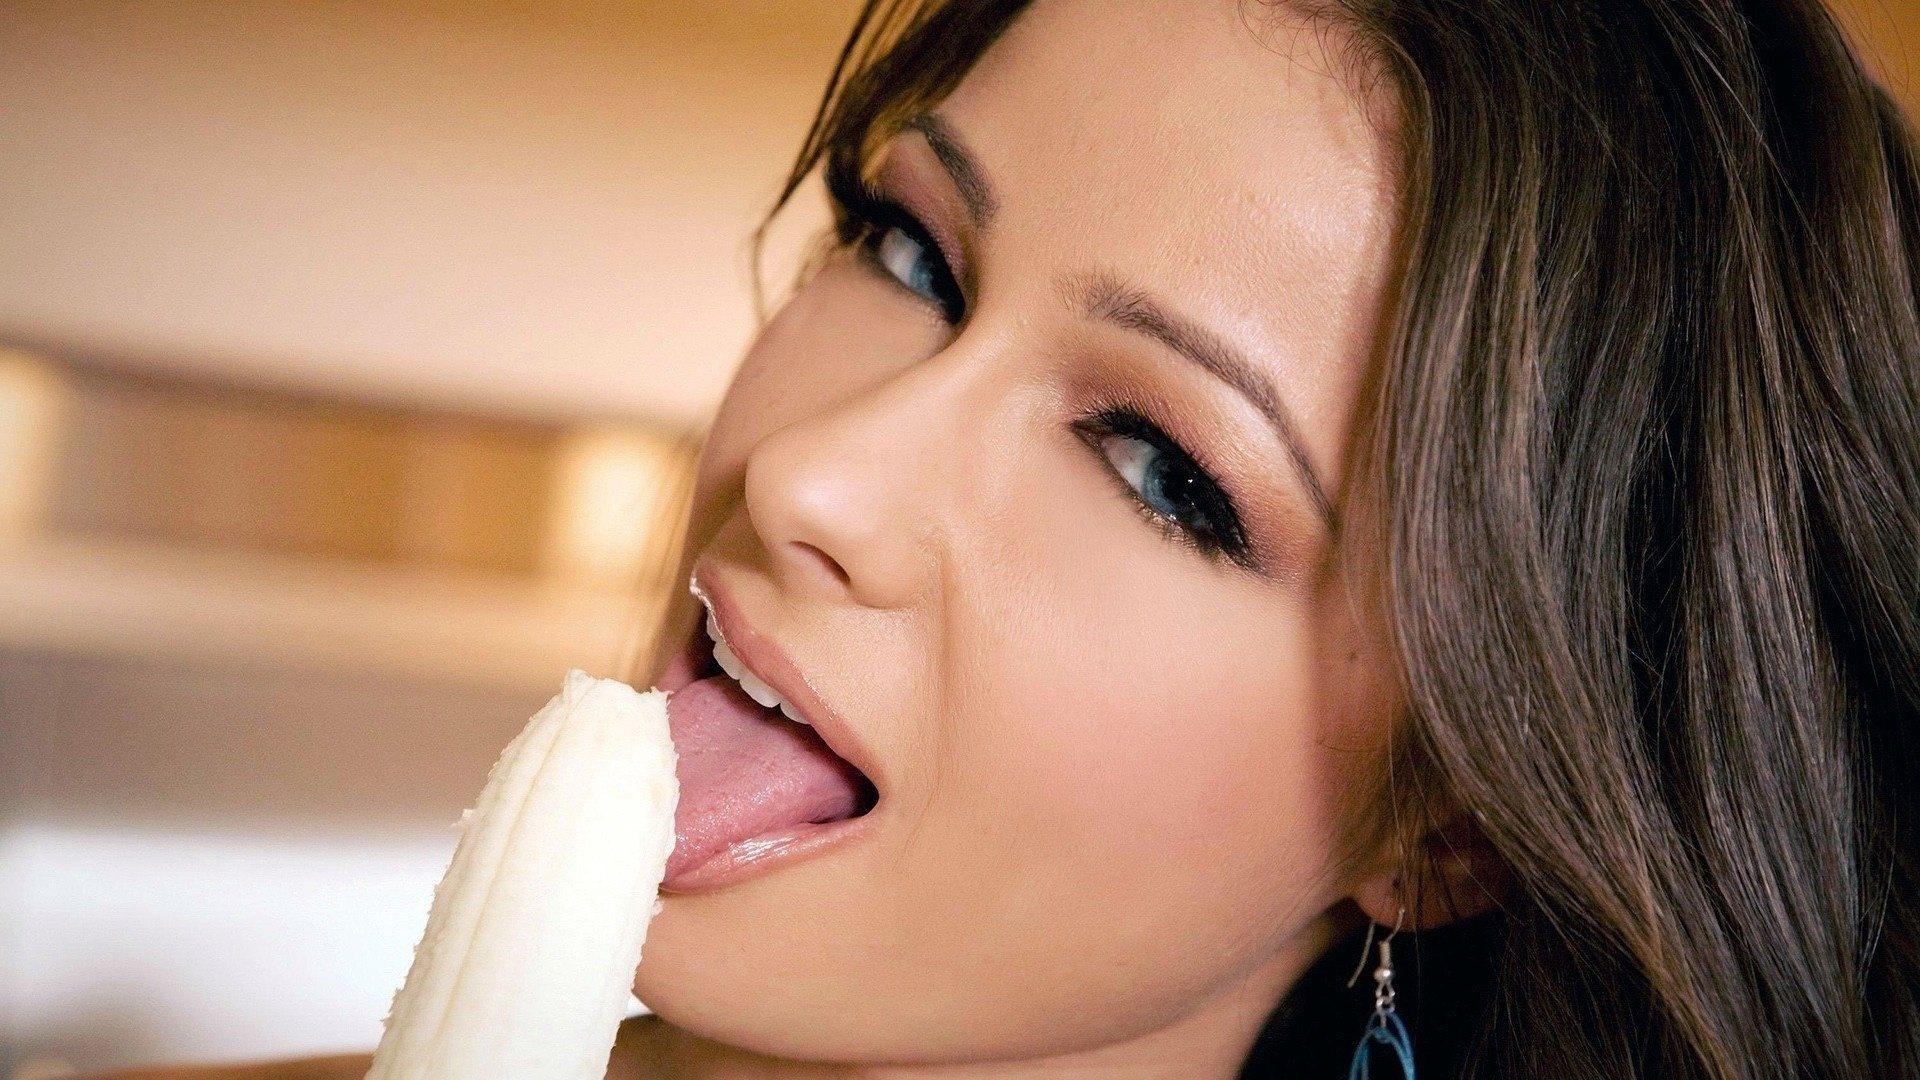 Групповой пикник порно фото